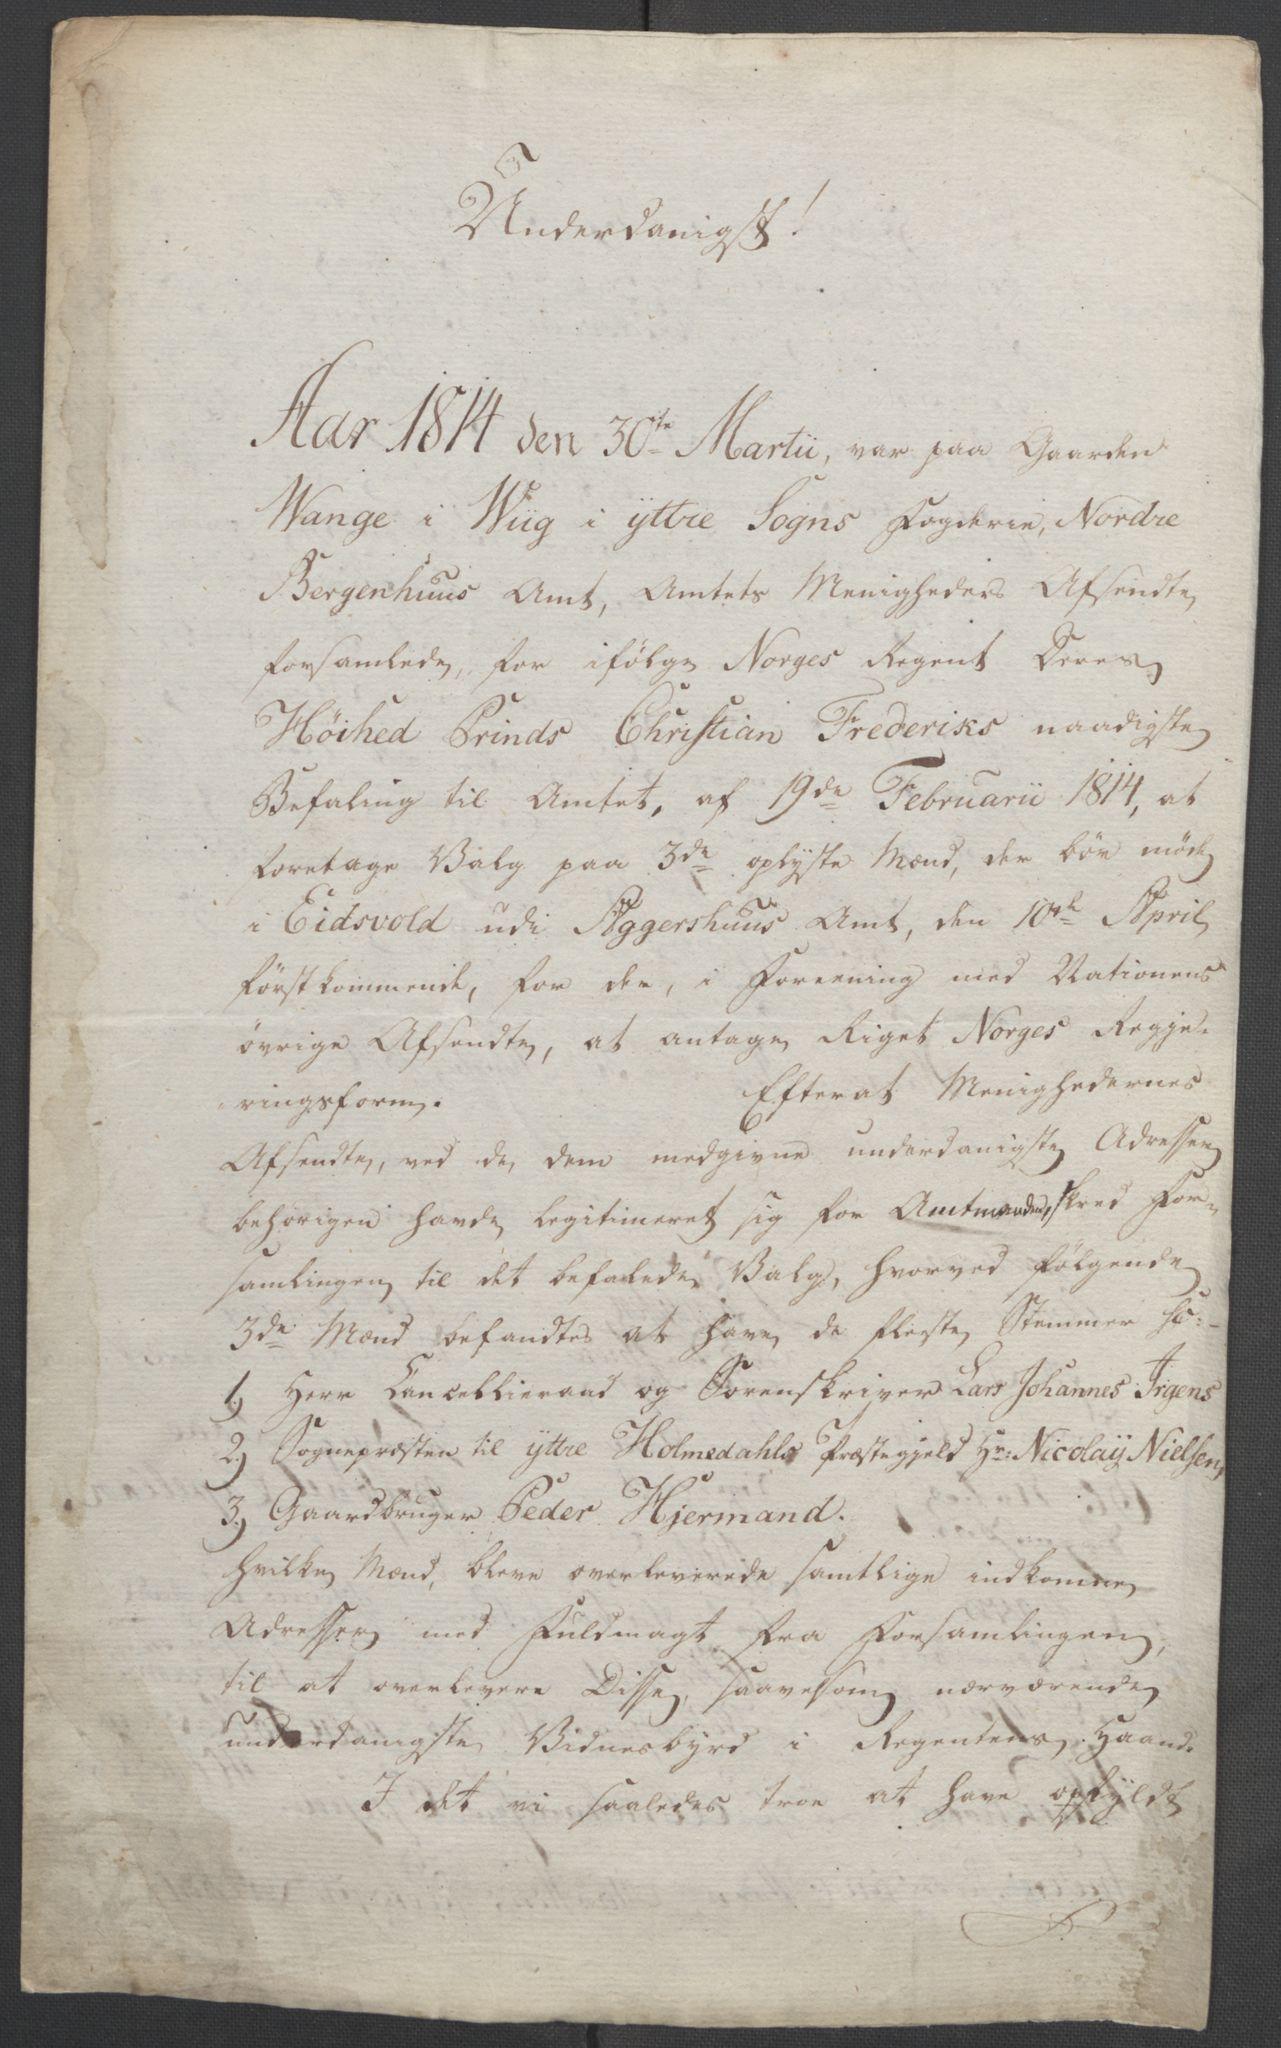 RA, Statsrådssekretariatet, D/Db/L0008: Fullmakter for Eidsvollsrepresentantene i 1814. , 1814, s. 308